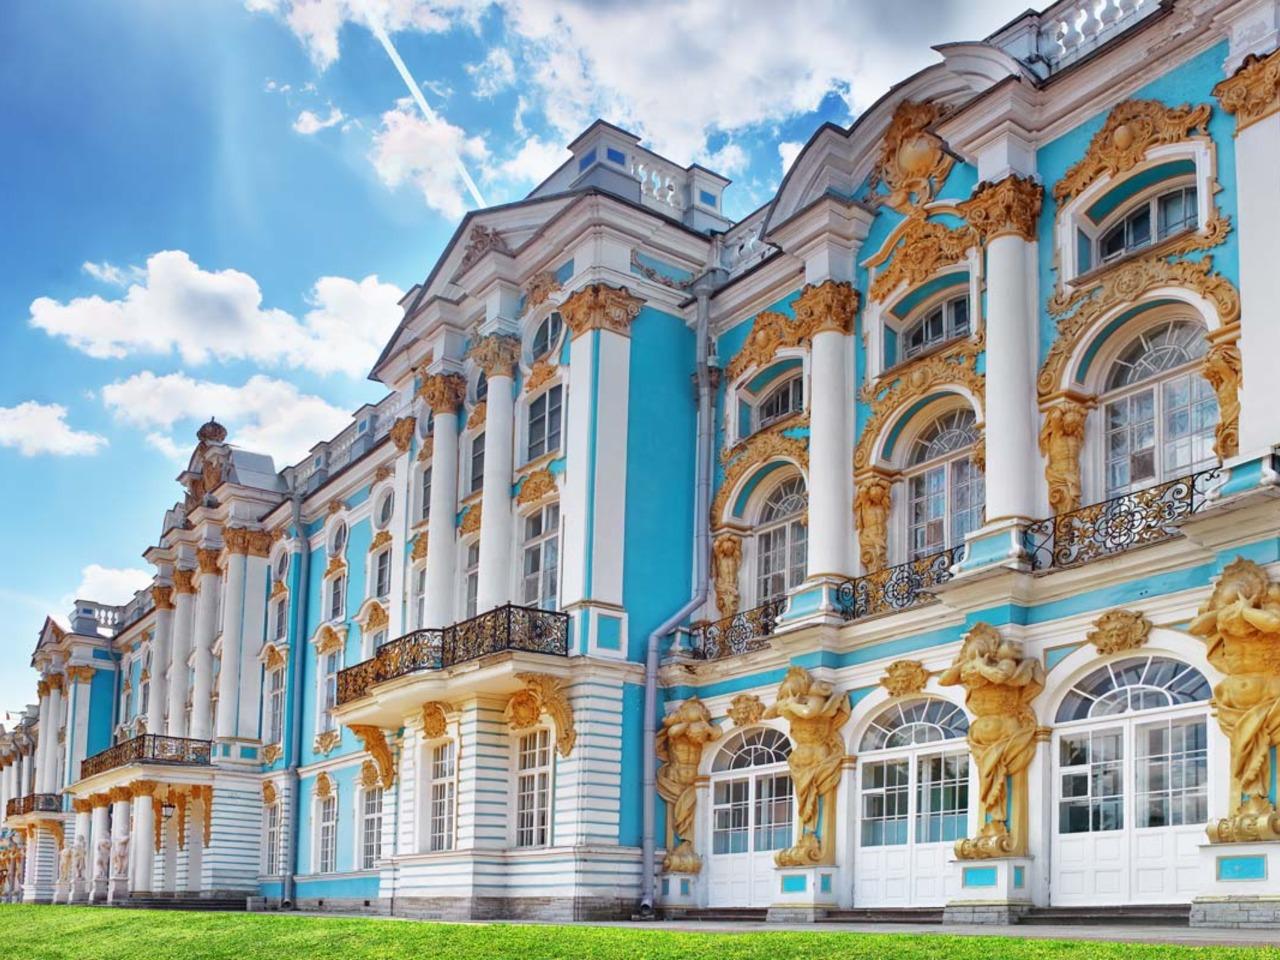 Царское Село (Пушкин) - индивидуальная экскурсия по Санкт-Петербургу от опытного гида